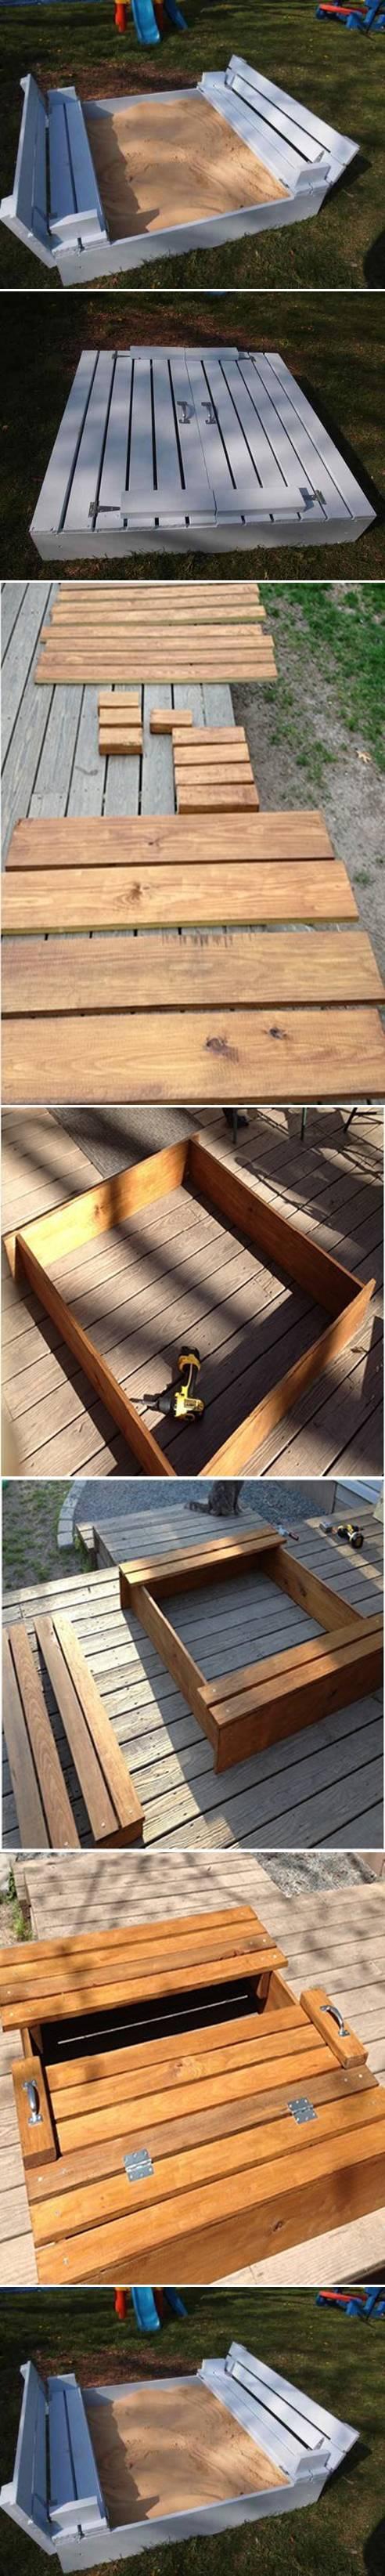 DIY Sandbox for Kids 2